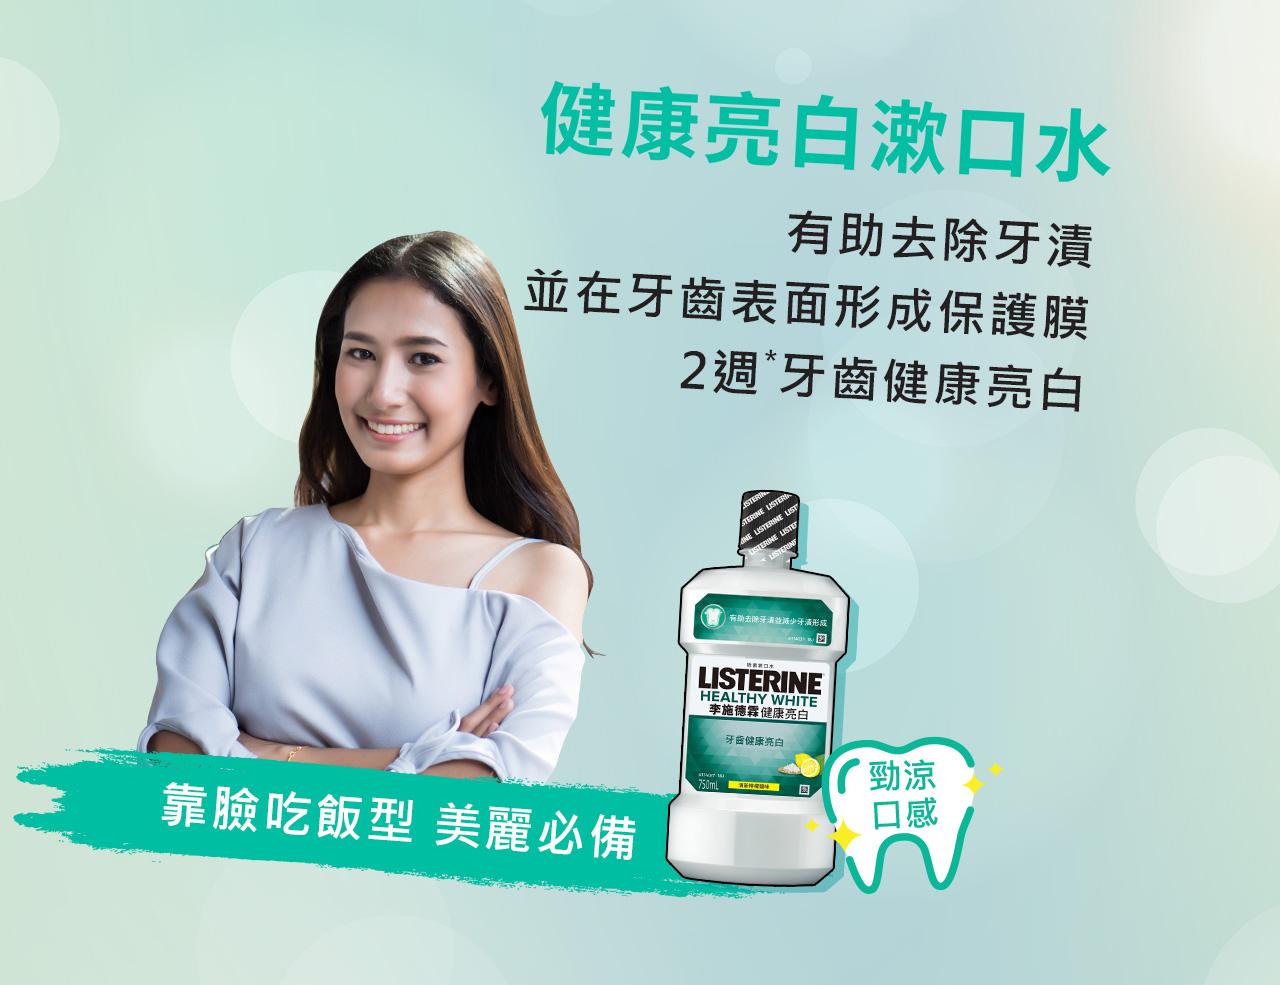 健康亮白漱口水 有助去除牙漬 並在牙齒表面形成保護膜 2週 牙齒健康亮白